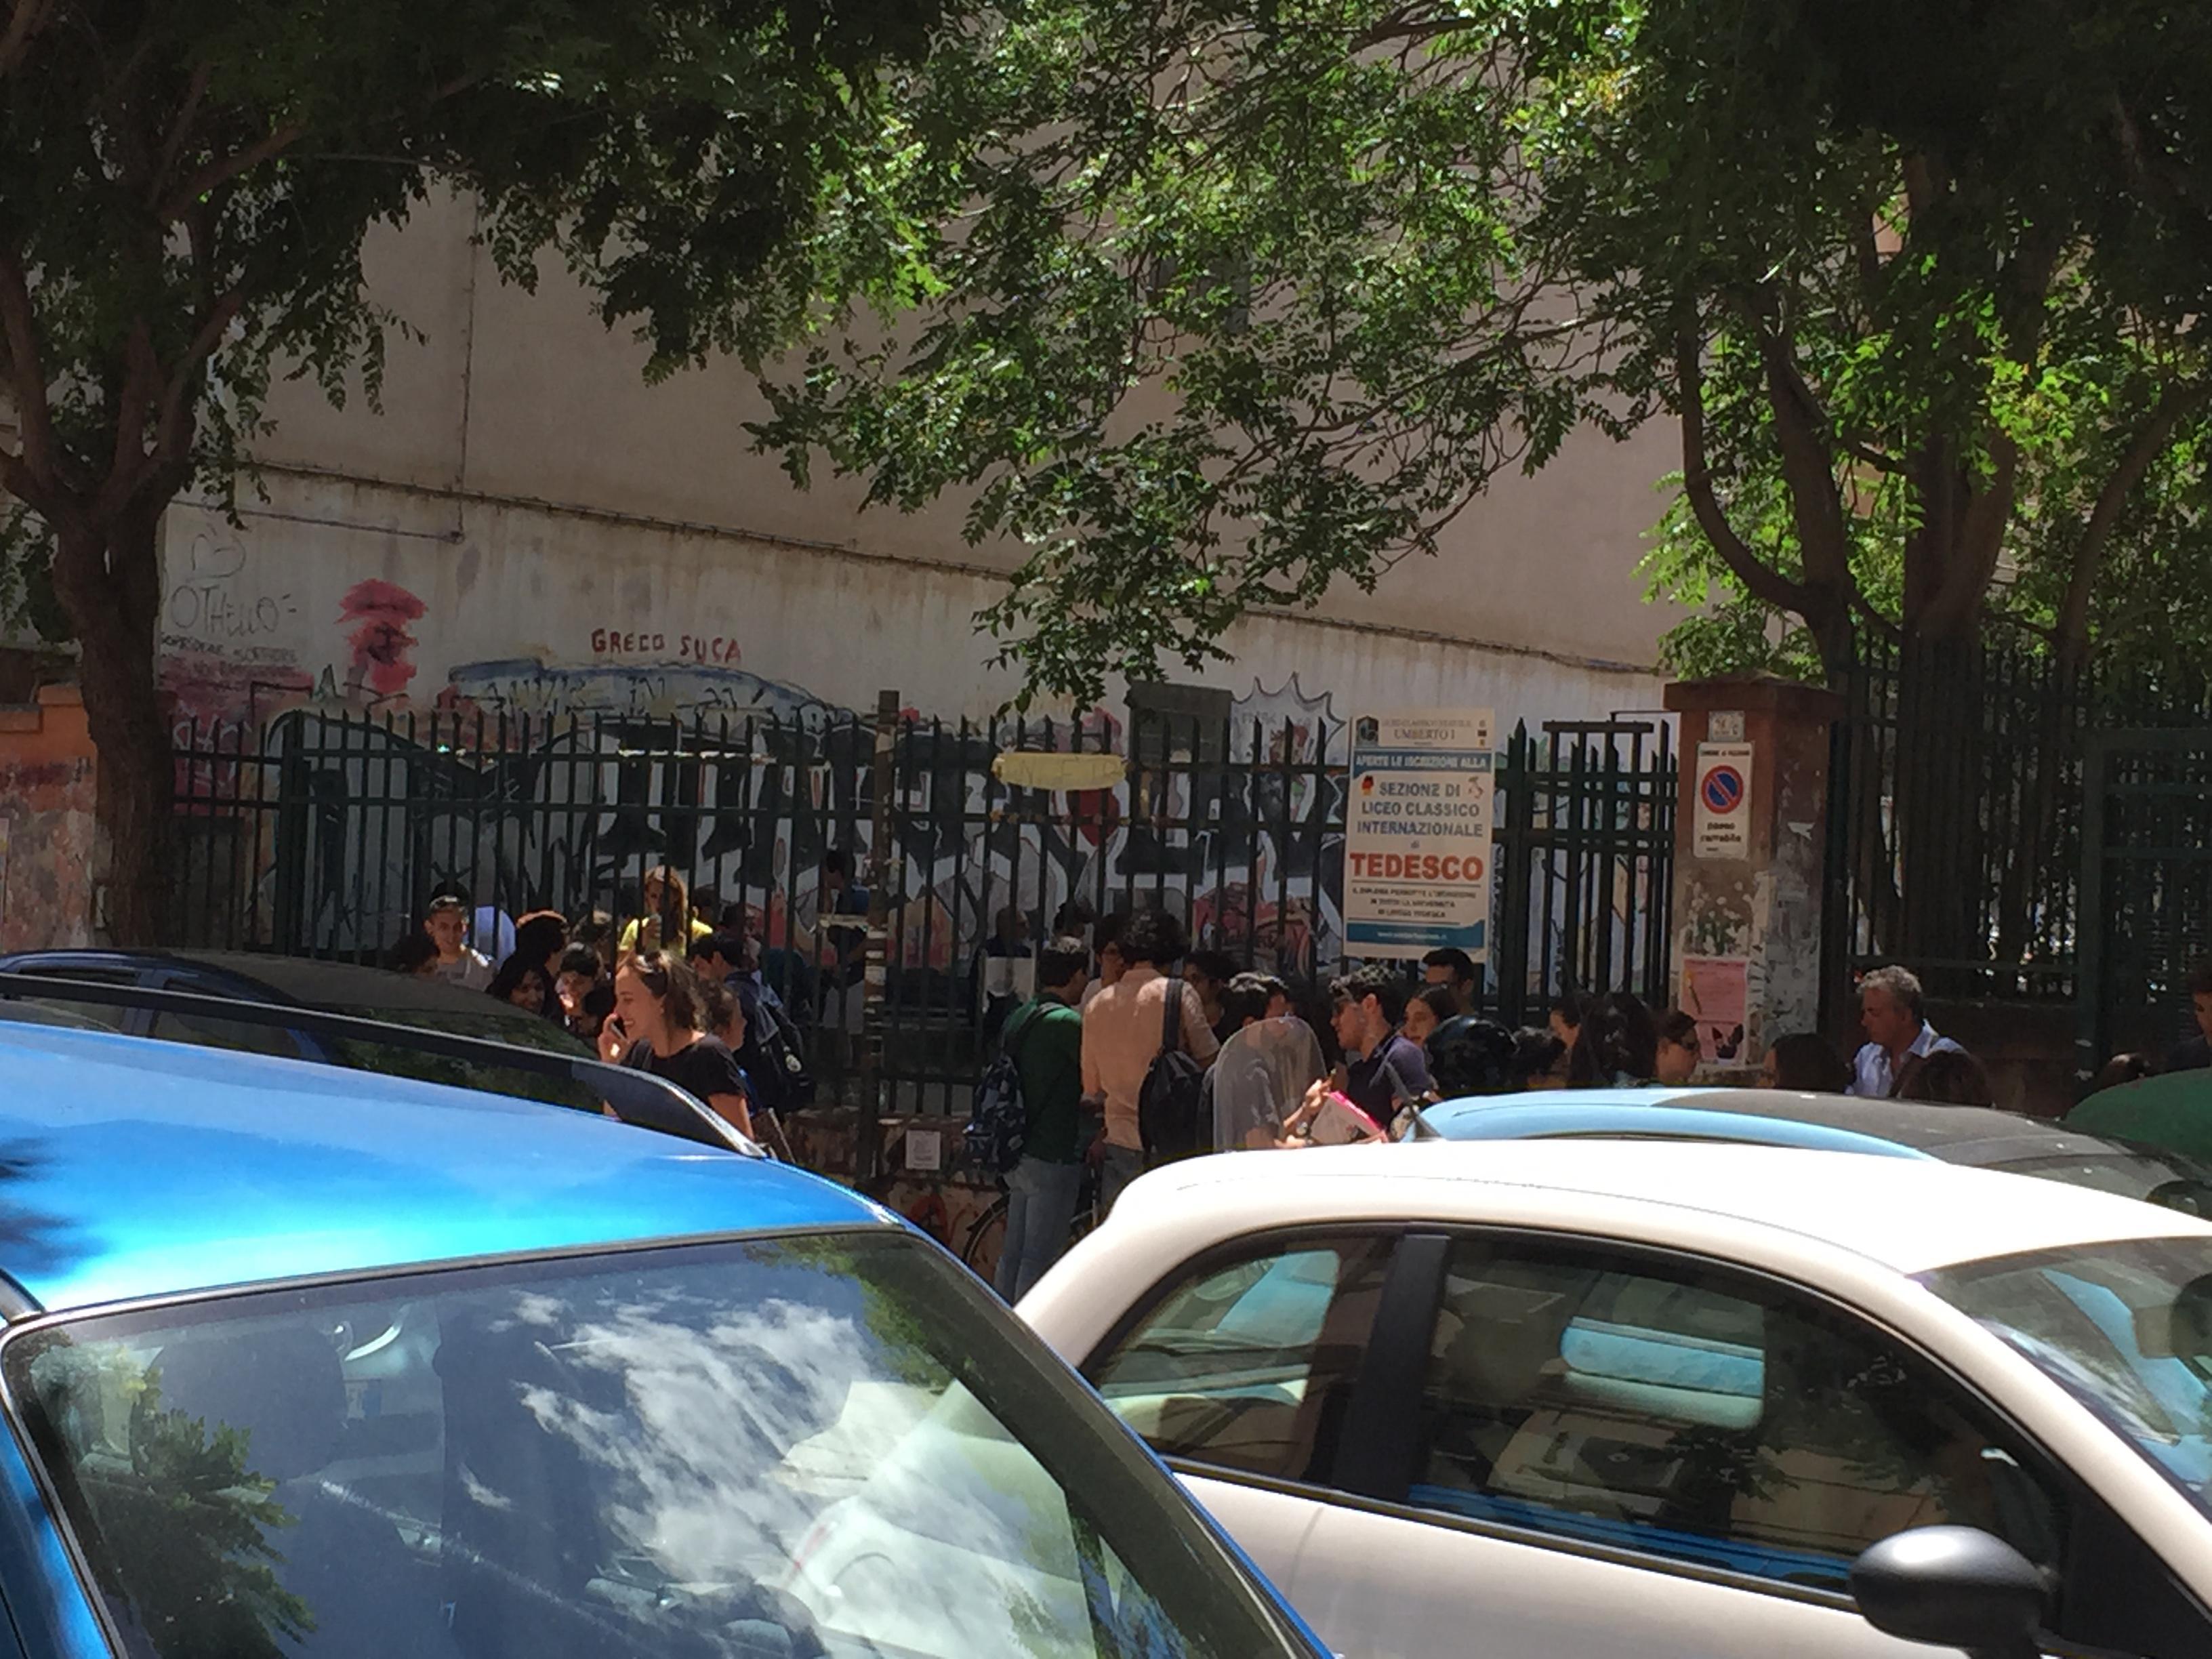 Crisi di coscienza e ansia la giornata dei maturandi for Liceo umberto palermo